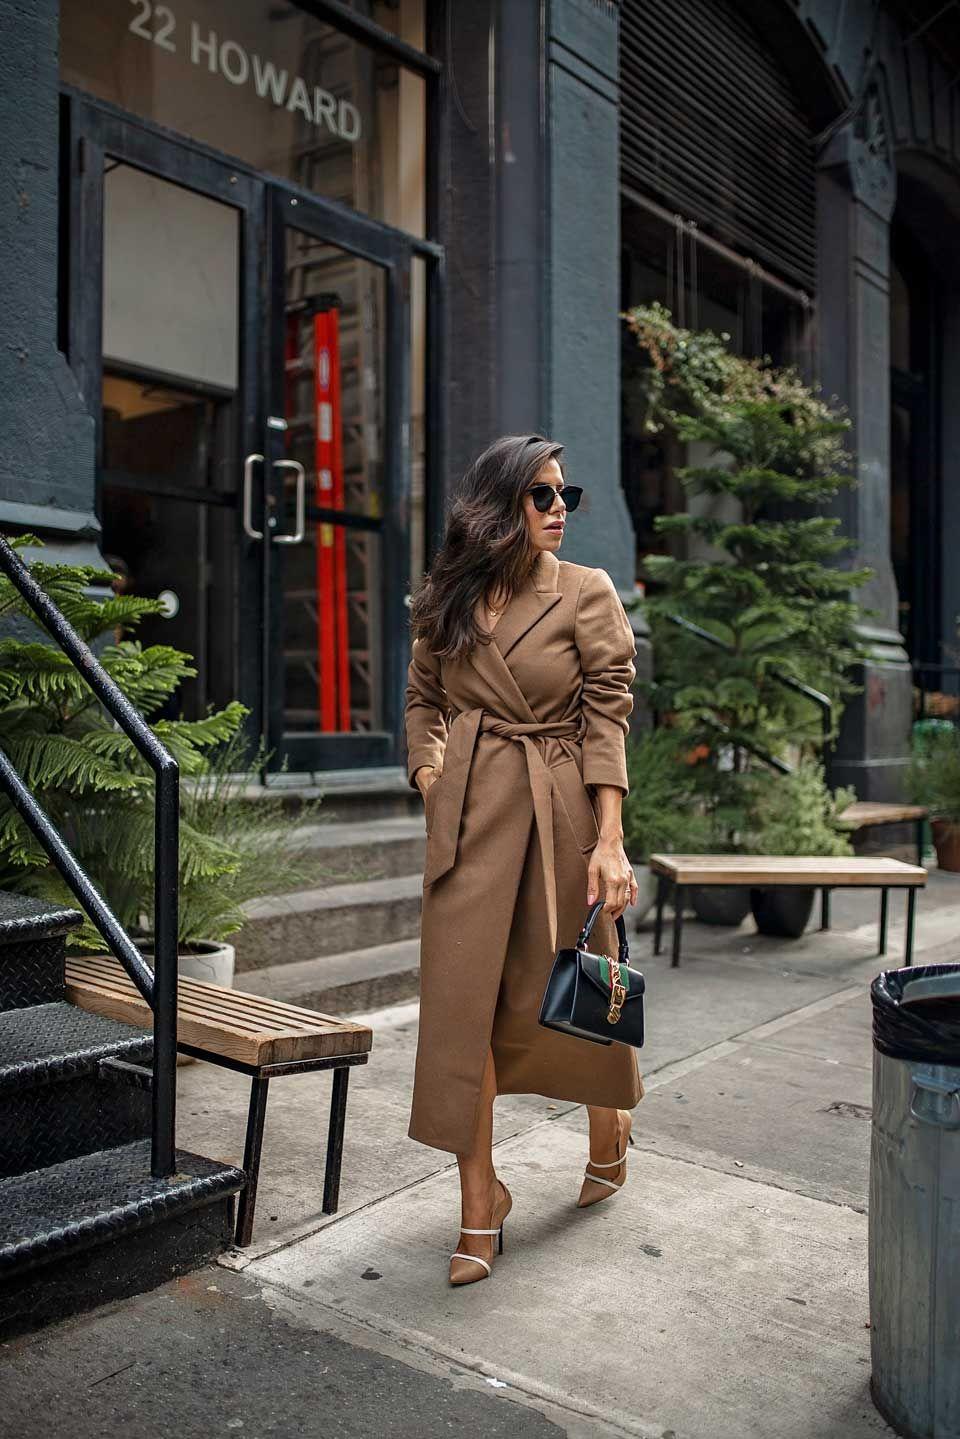 My Favorite Coats For Fall Olivia Jeanette Coat Autumn Fashion Fashion